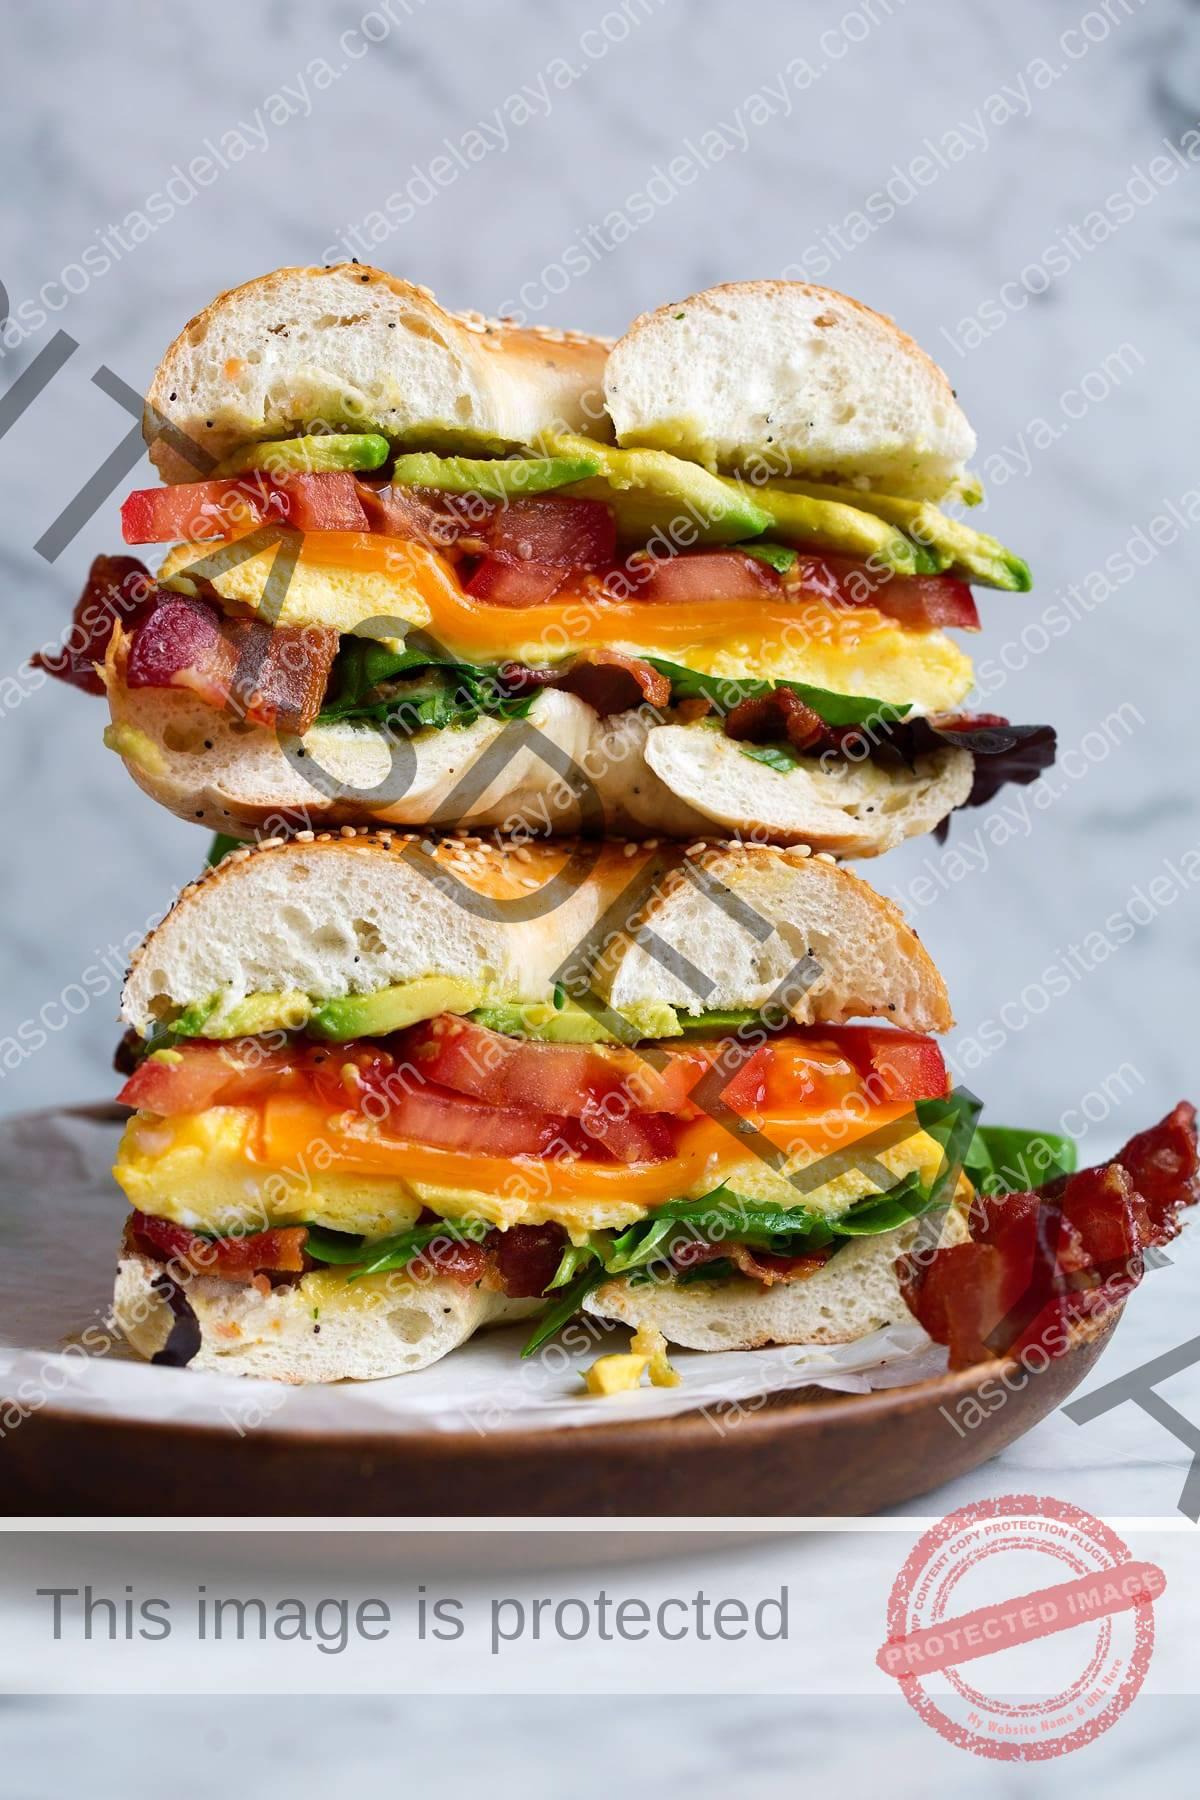 Sándwich de bagel con huevos para microondas, tocino, aguacate, tomate, queso cheddar y lechuga.  El sándwich se corta por la mitad y se apila sobre una tabla de madera sobre una superficie de mármol.